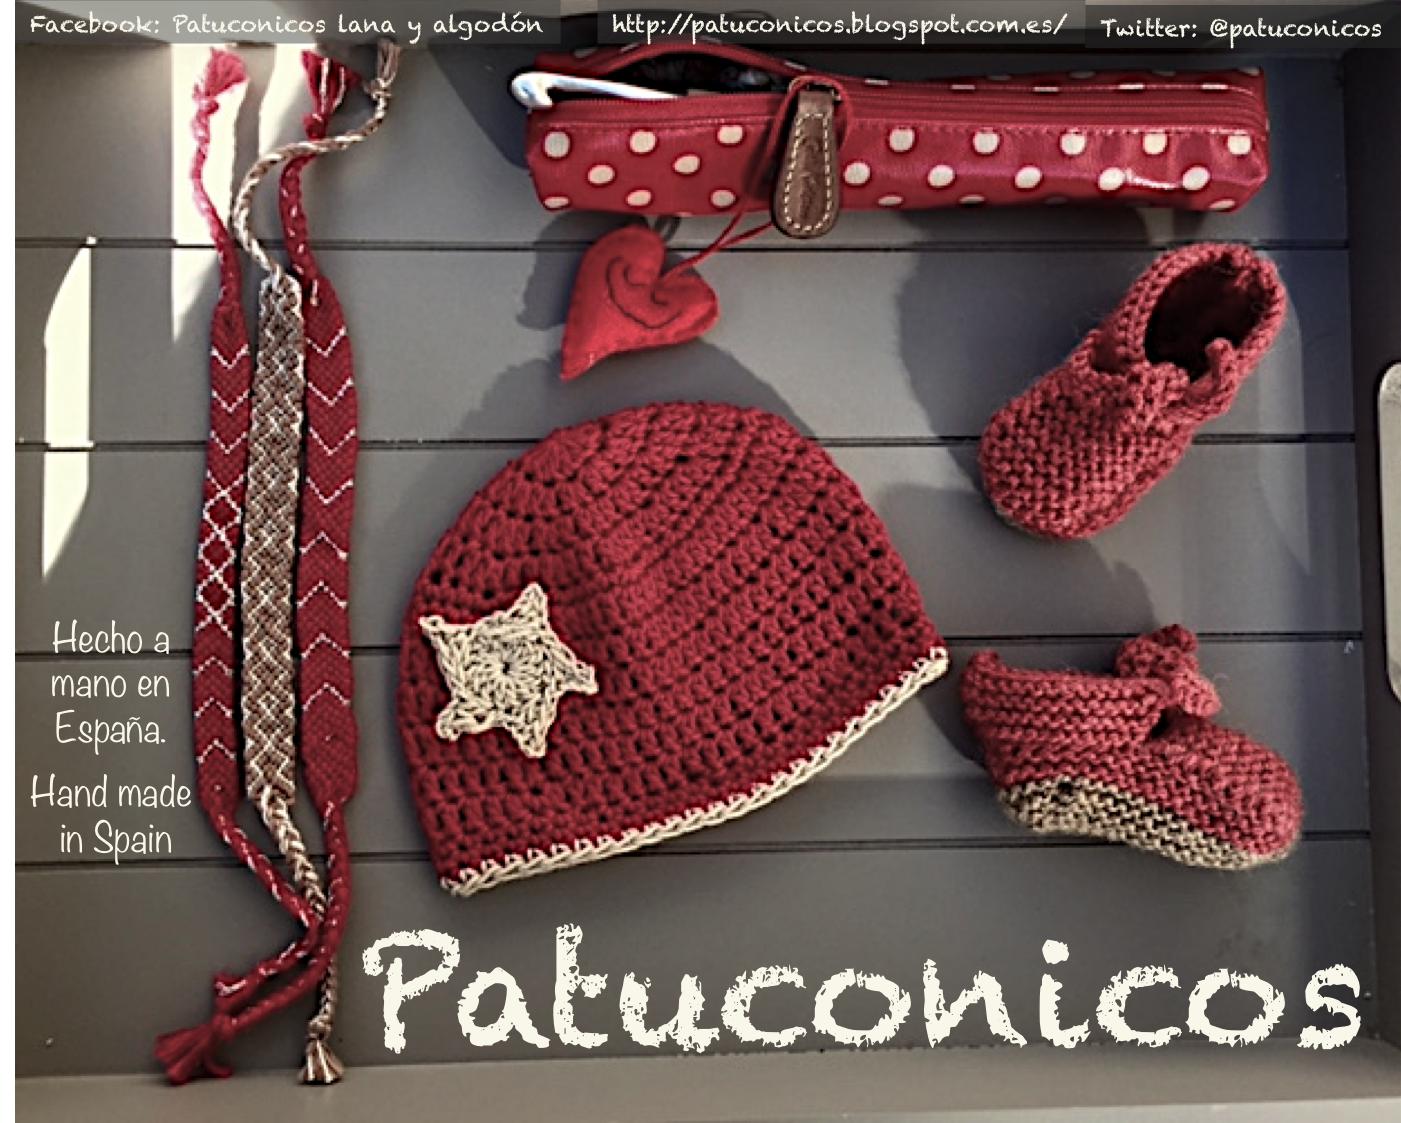 Patuconicos hecho a mano con lana y algodón: - Ataditas Patuconicos de lana 12€ el par talla 0-1 mes. - Gorrito de algodón 15€ talla 0-1 mes. - Pulseras anchas 5 y 6€ (Mas gastos de envio).